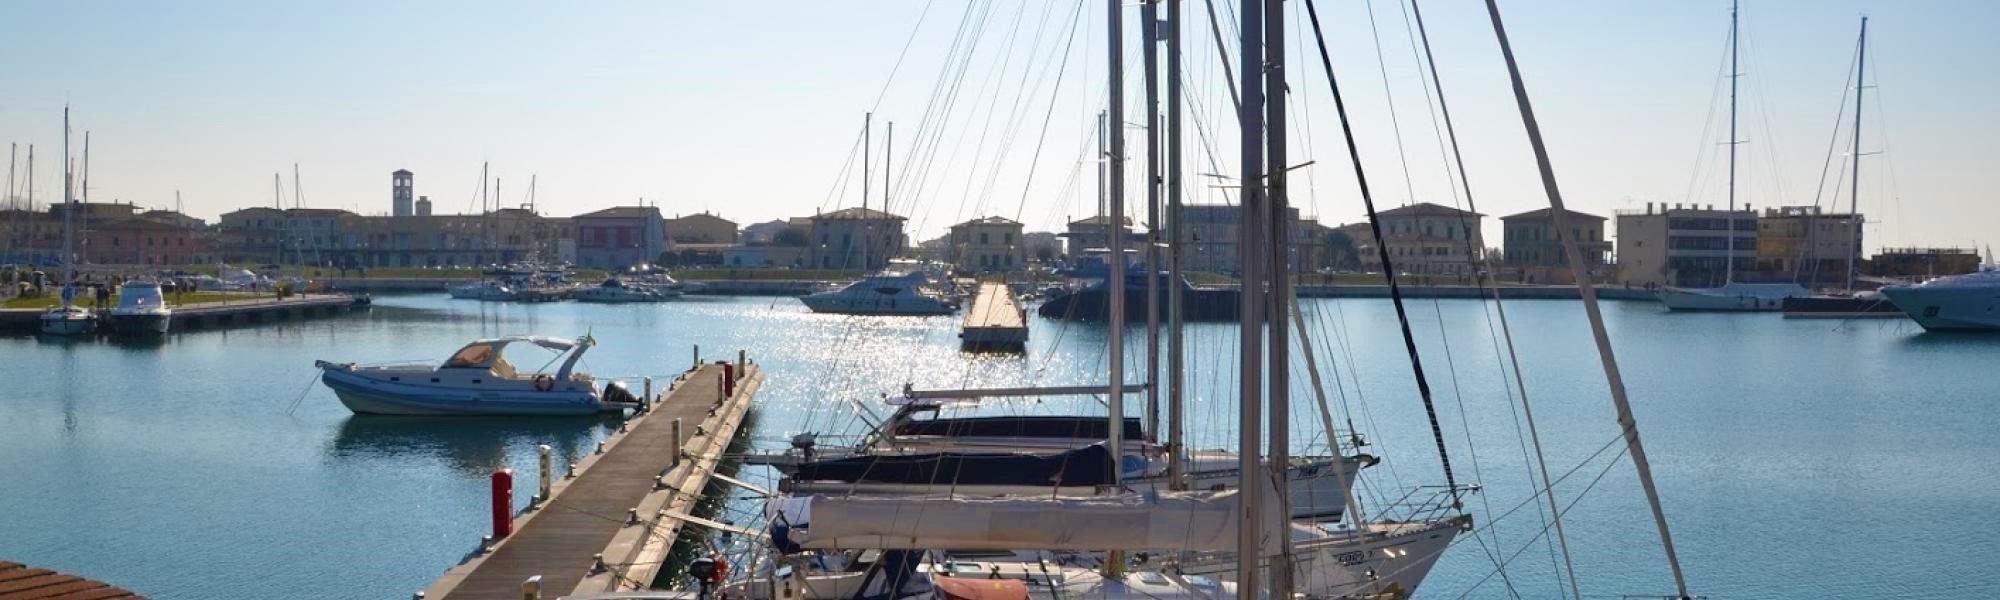 Banchina del porto a Marina di Pisa (R. Cardini)